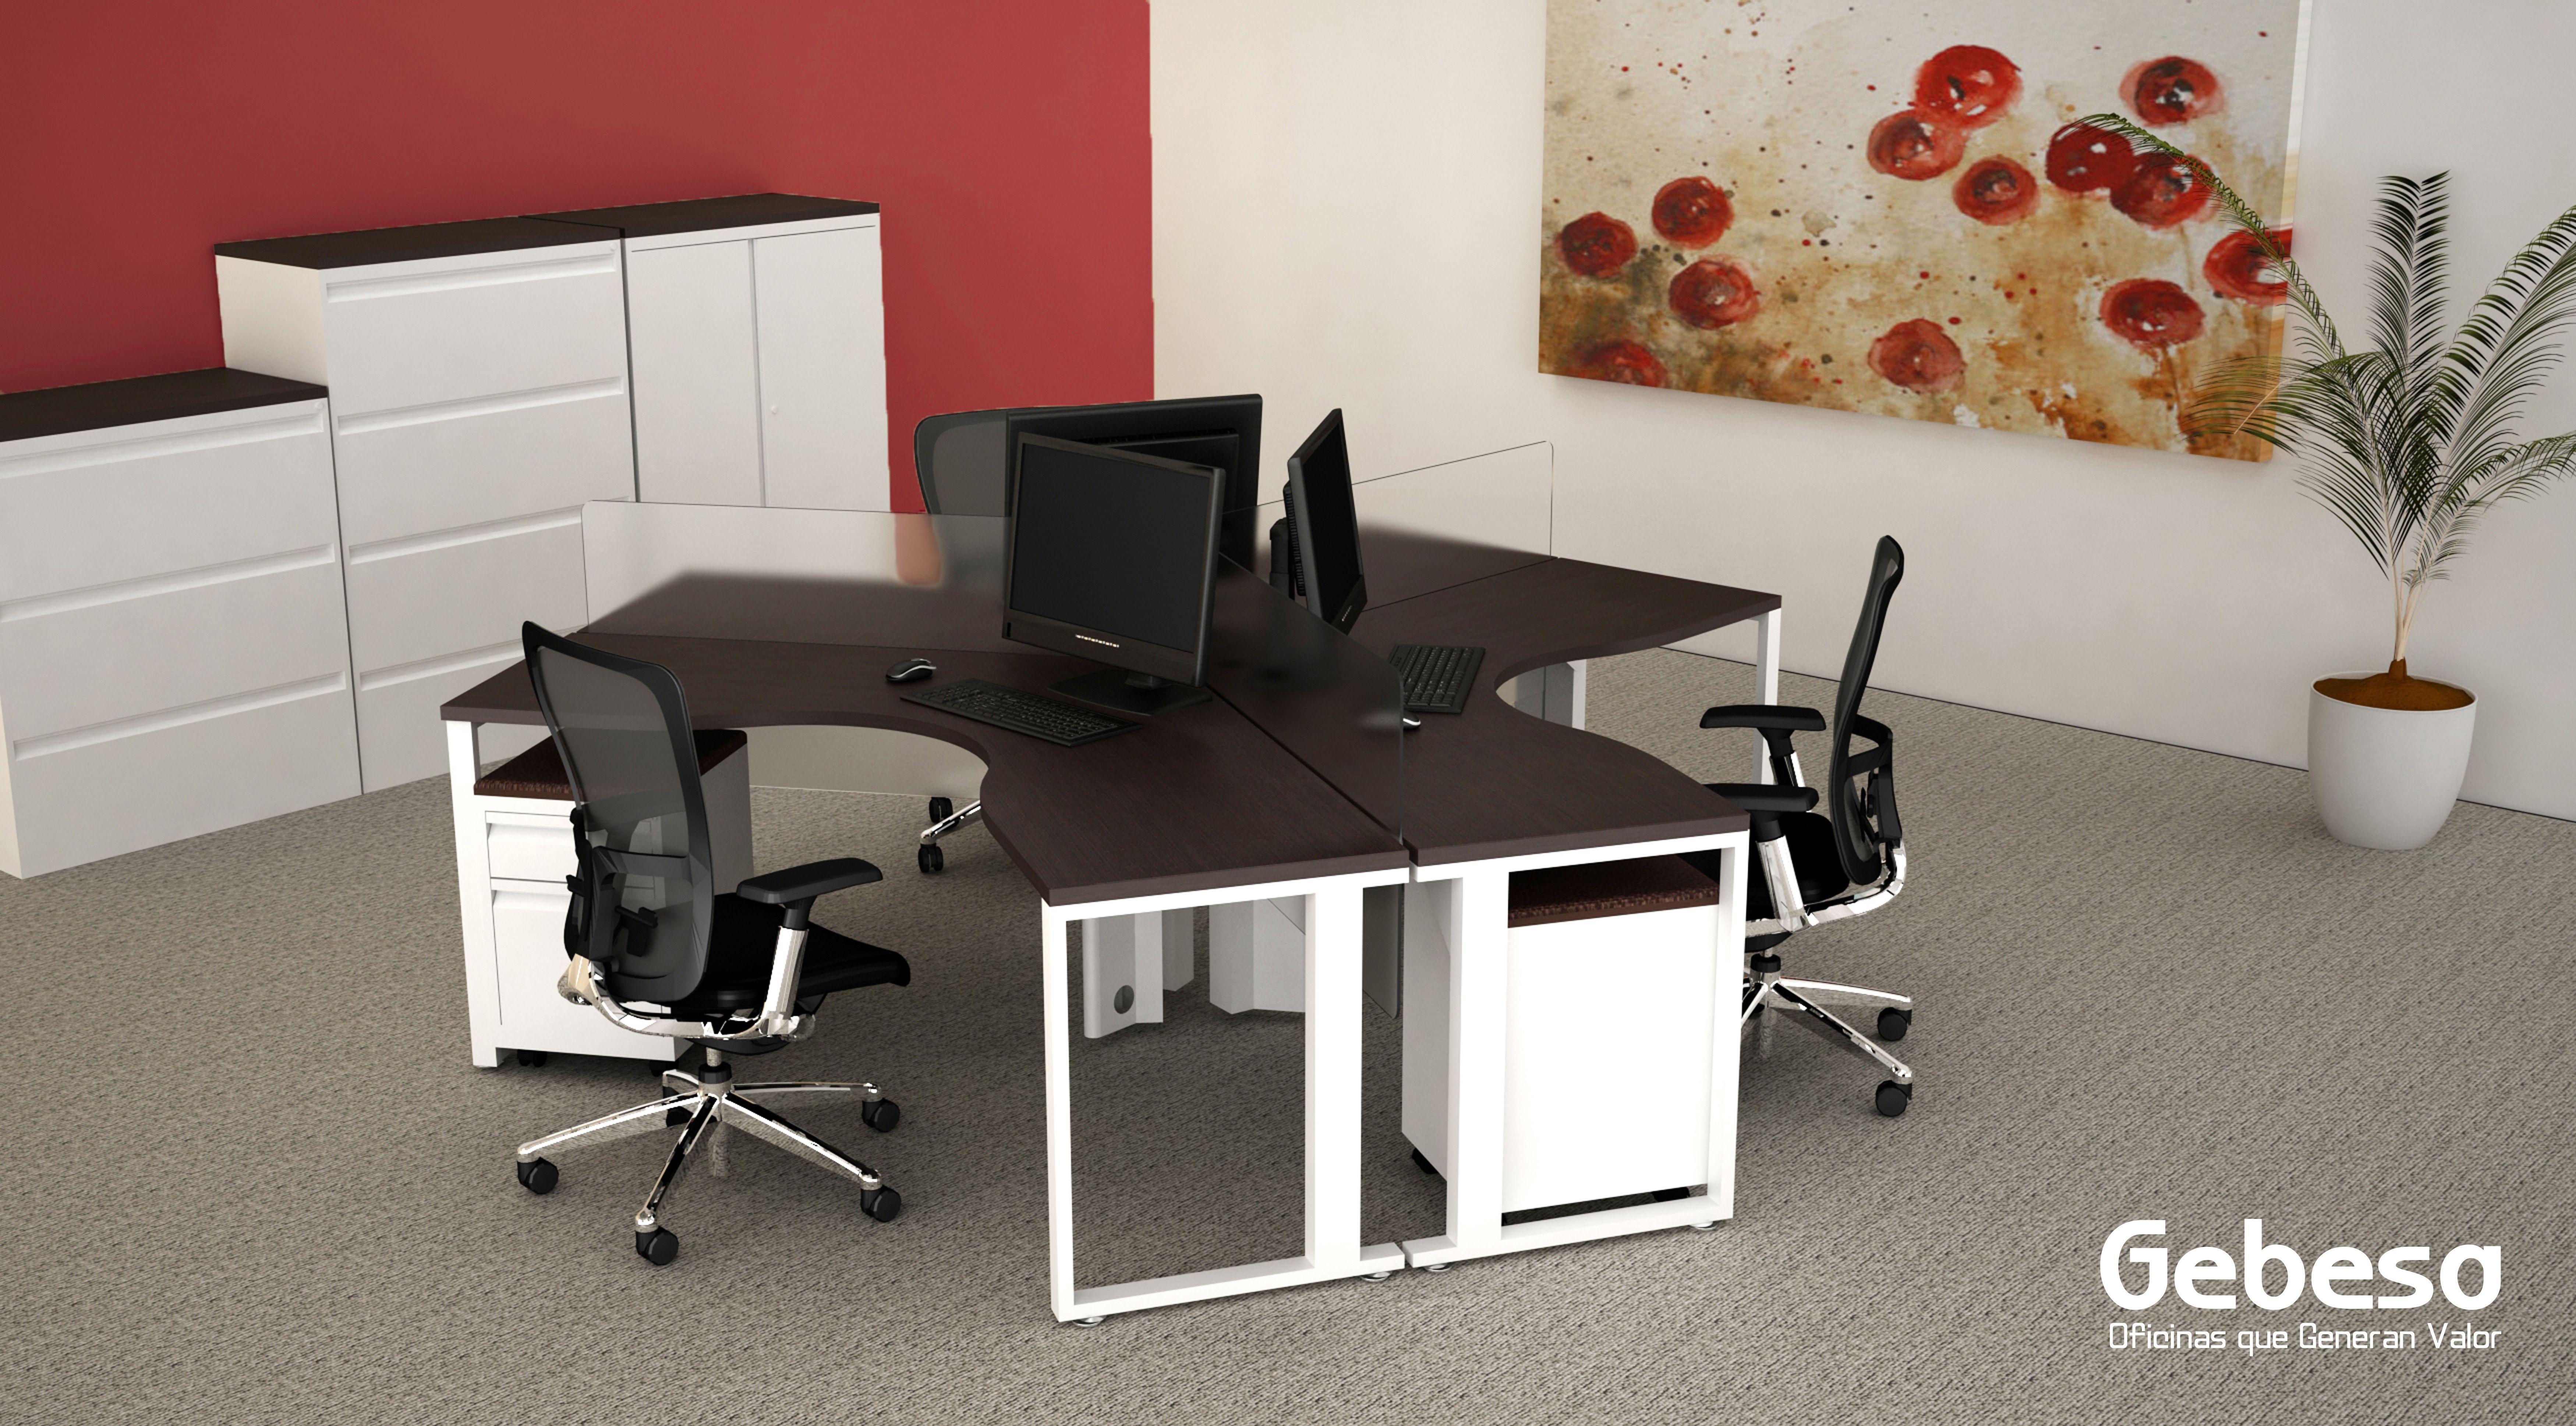 De IkeaFree La Oficina Mobiliario Amazing Dorada En Poca Insprate Ybfy6g7